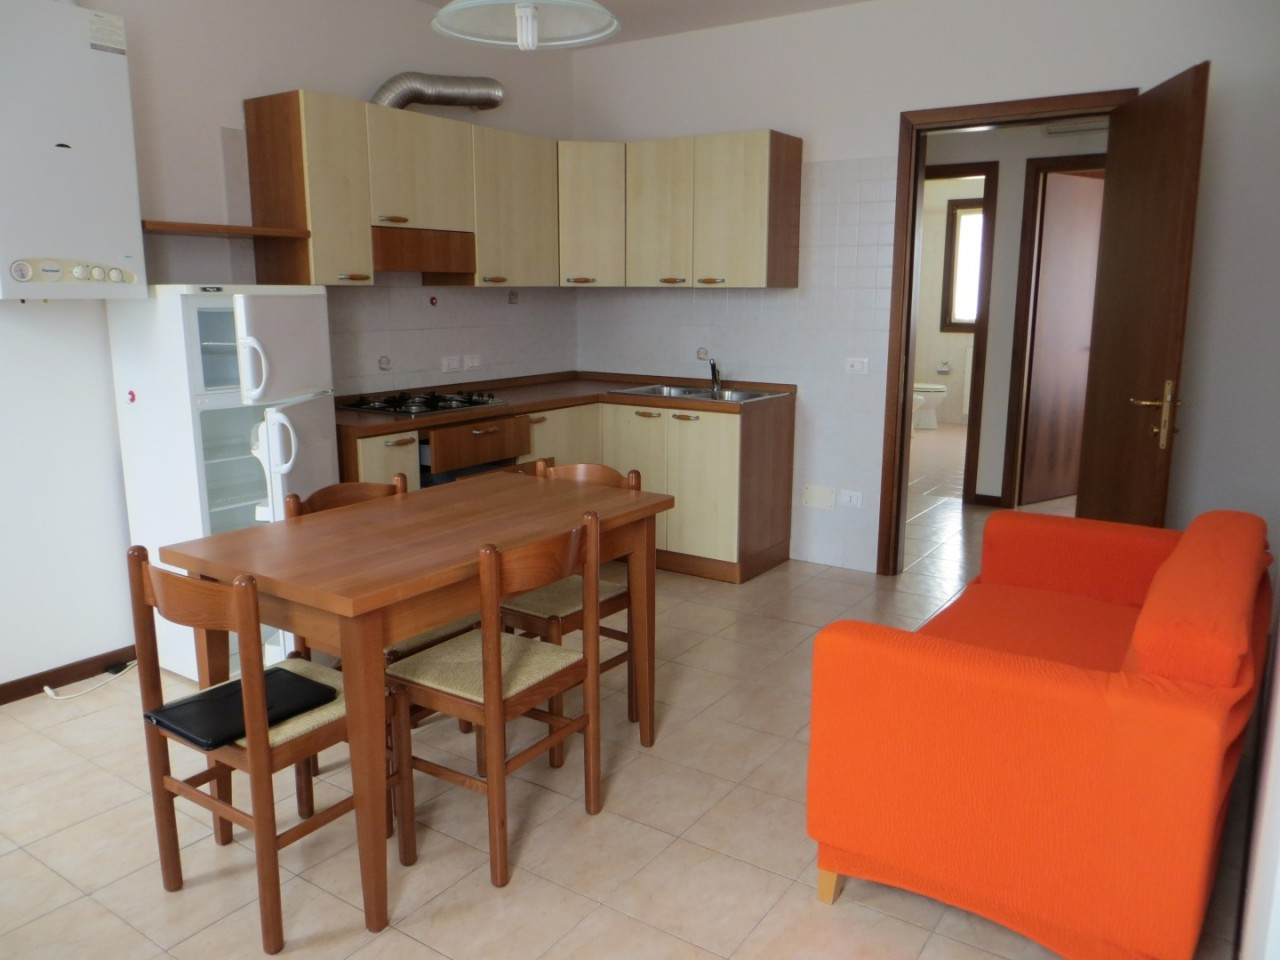 Affittasi appartamento tricamere duplex semi arredato ad Abano Terme - zona Stazione